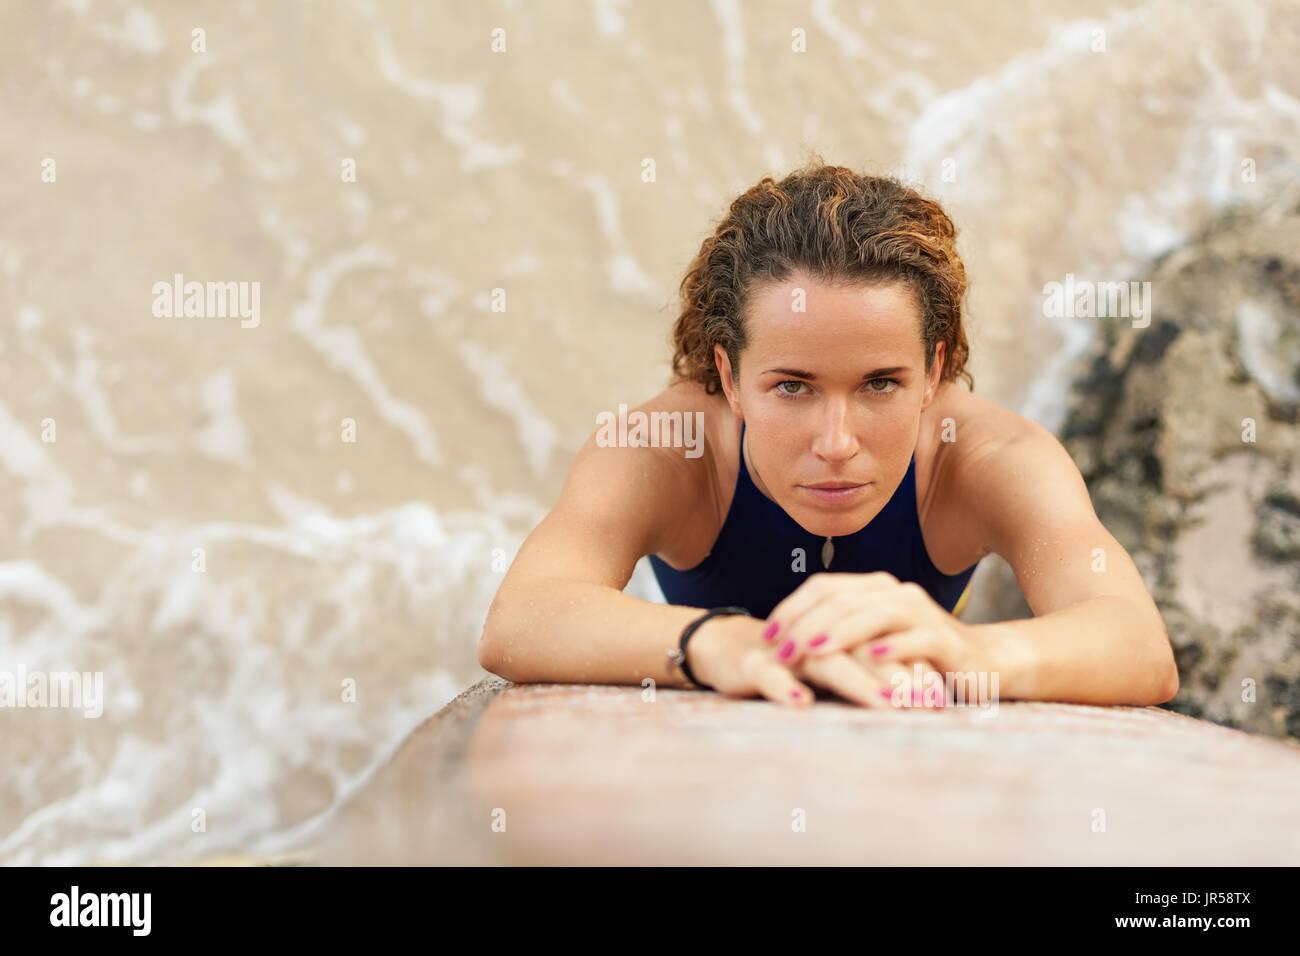 Surfista hermosa chica en bikini celebración surf stand y mirar a la cámara. Vista desde arriba. Las mujeres en el campamento de aventura deportes acuáticos, playa actividades extremas. Imagen De Stock